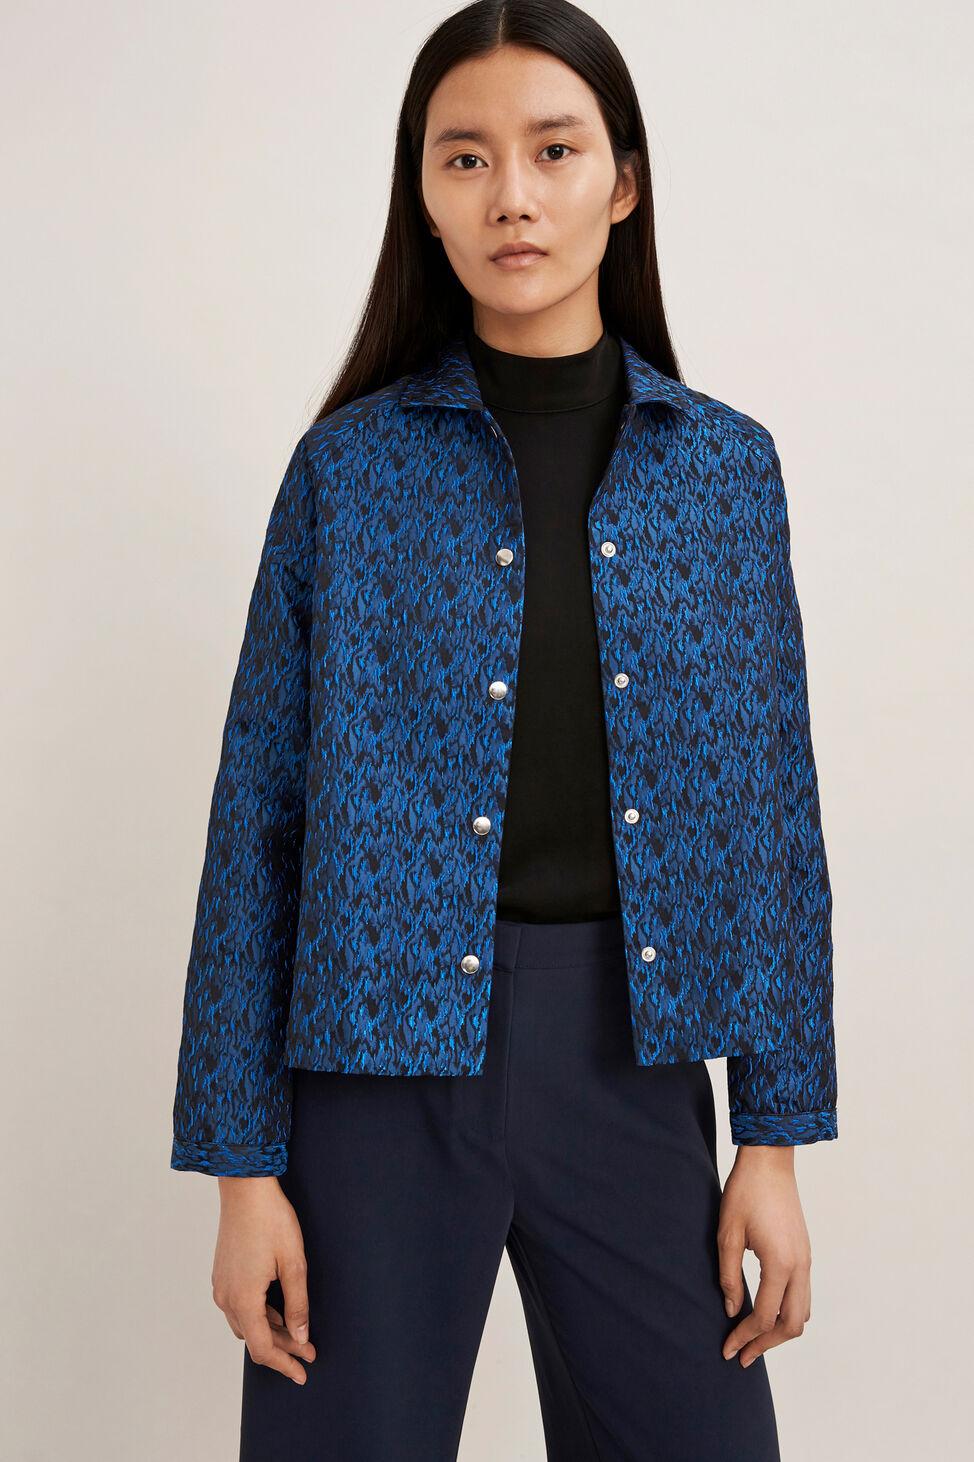 Thit jacket 10159